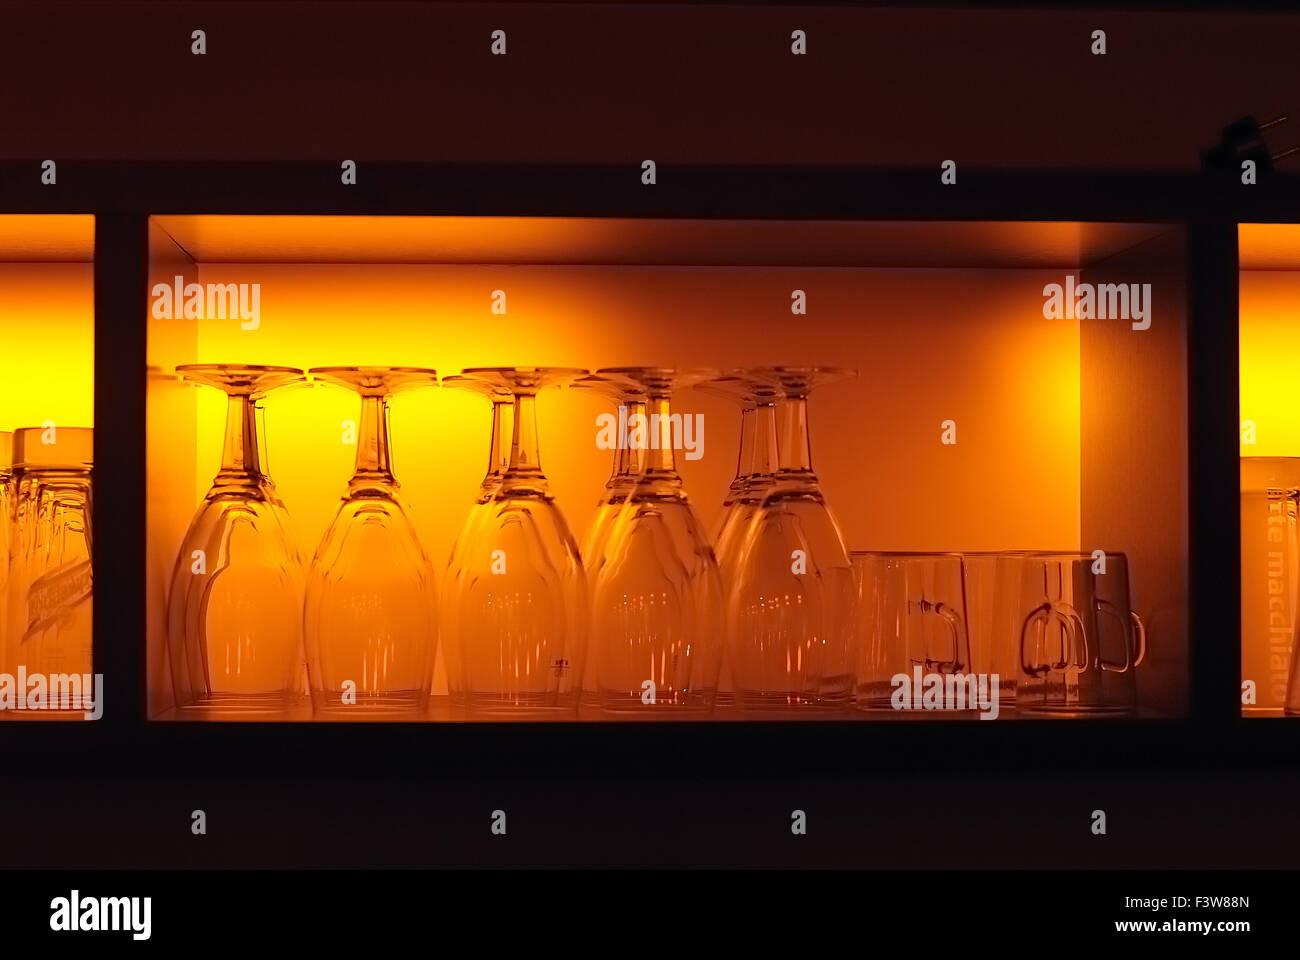 Erstaunlich Vitrine Glas Sammlung Von Glasses - Stock Image